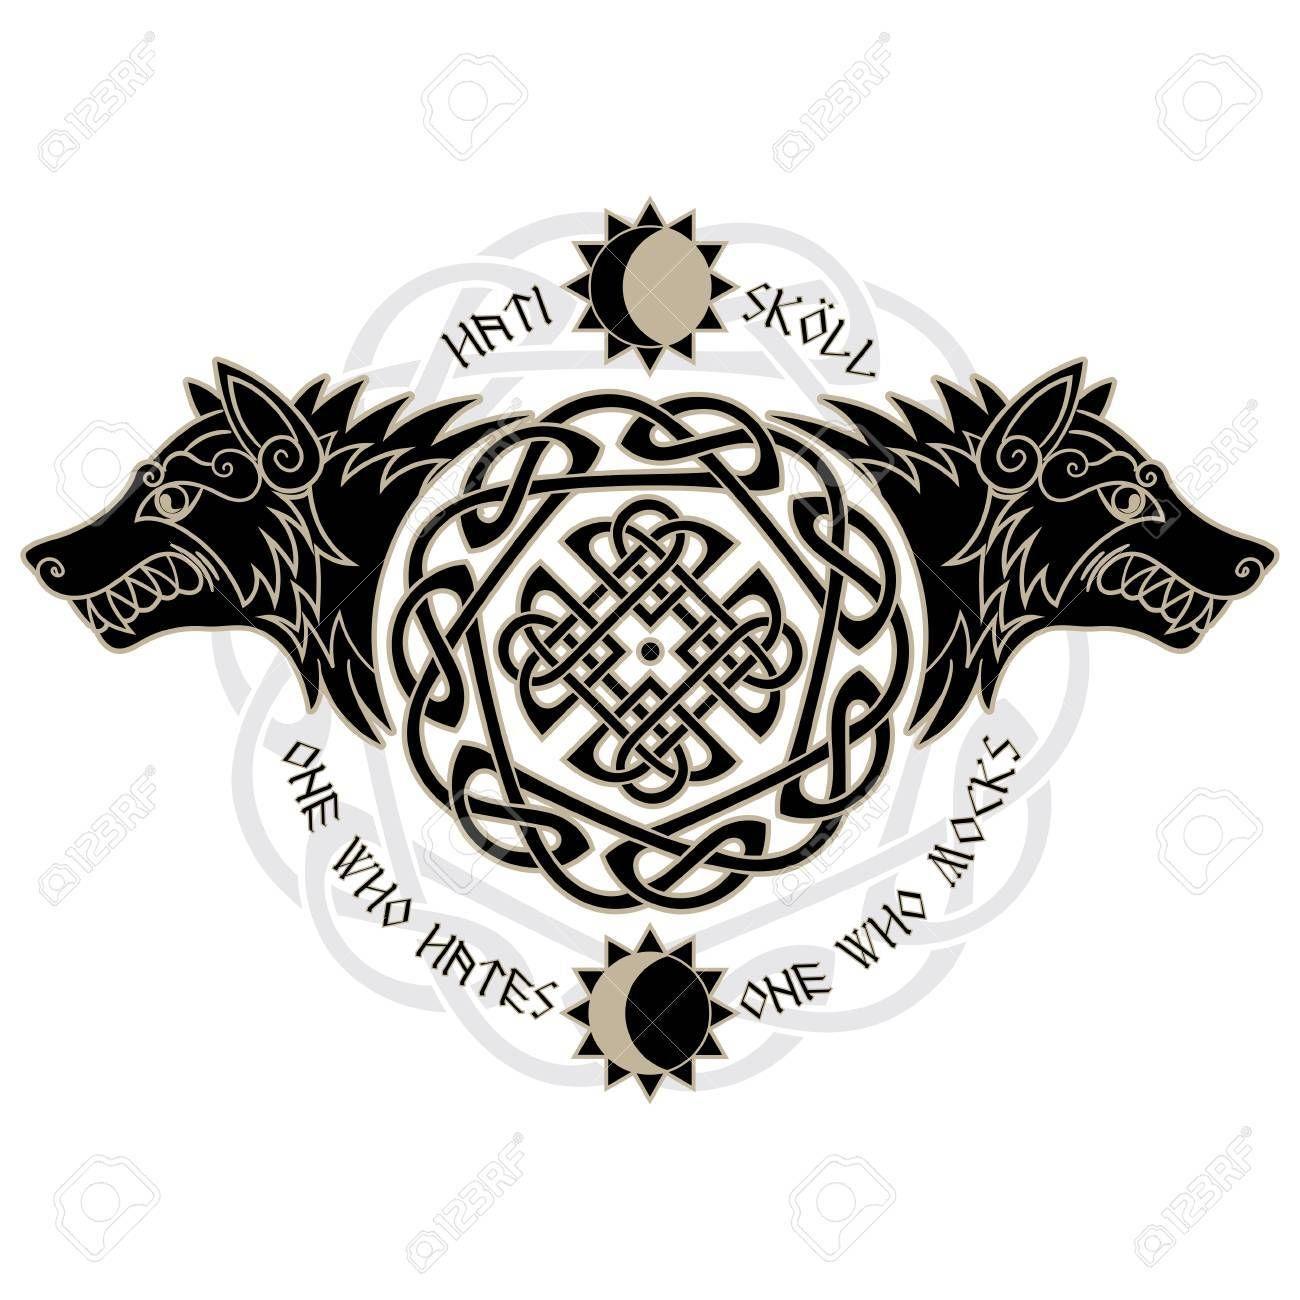 Related Image Norse Tattoo Mythology Tattoos Viking Tattoos